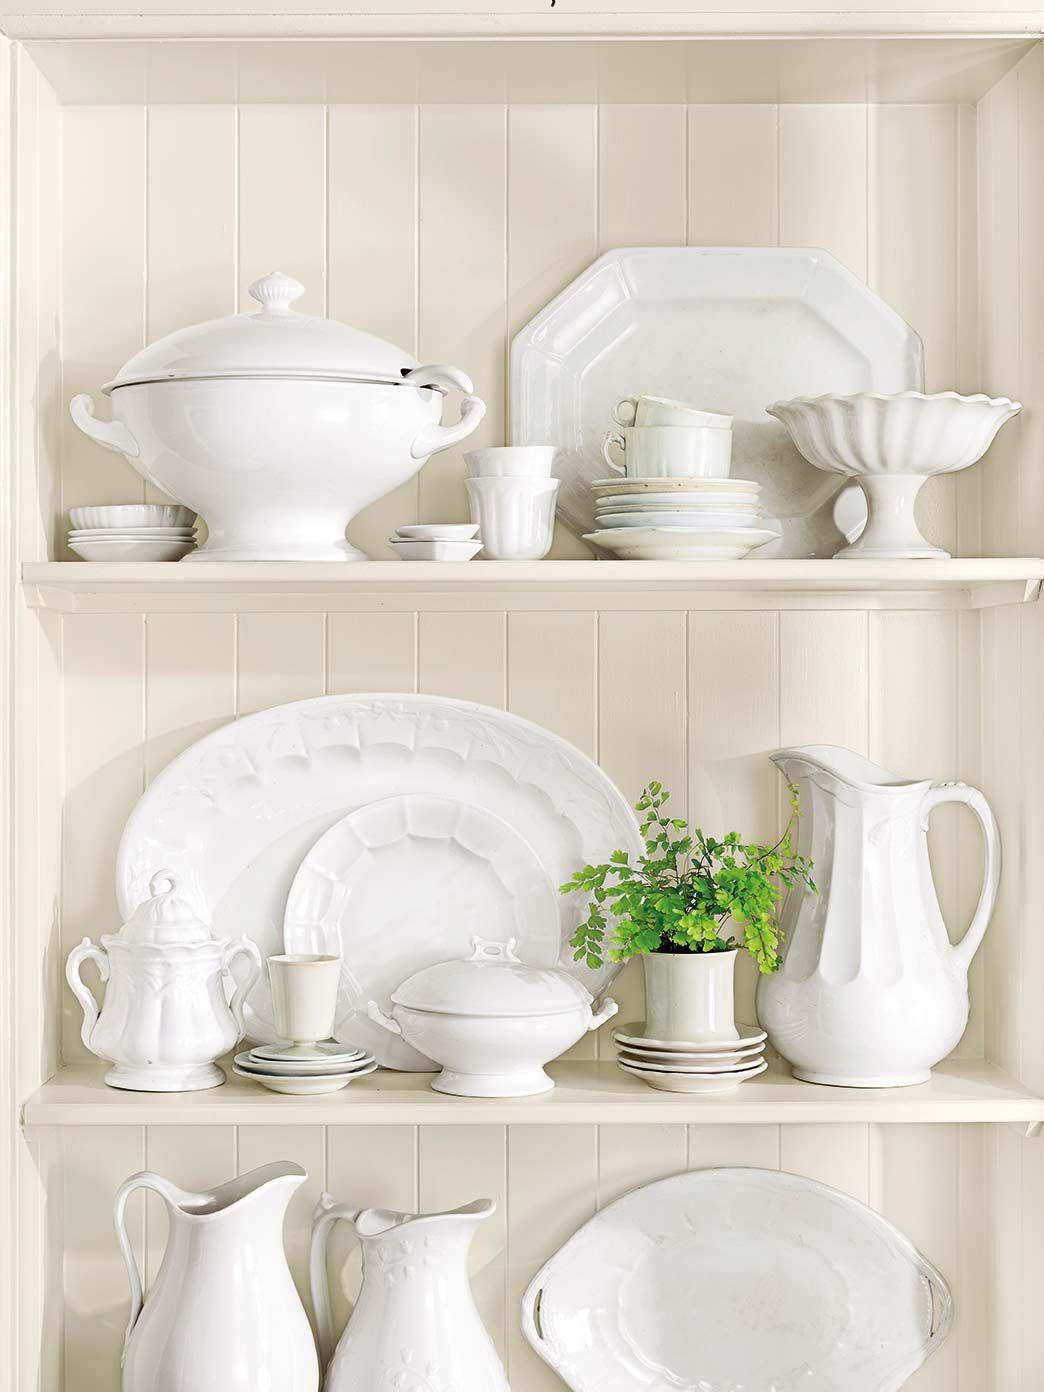 Vajilla de porcelana blanca